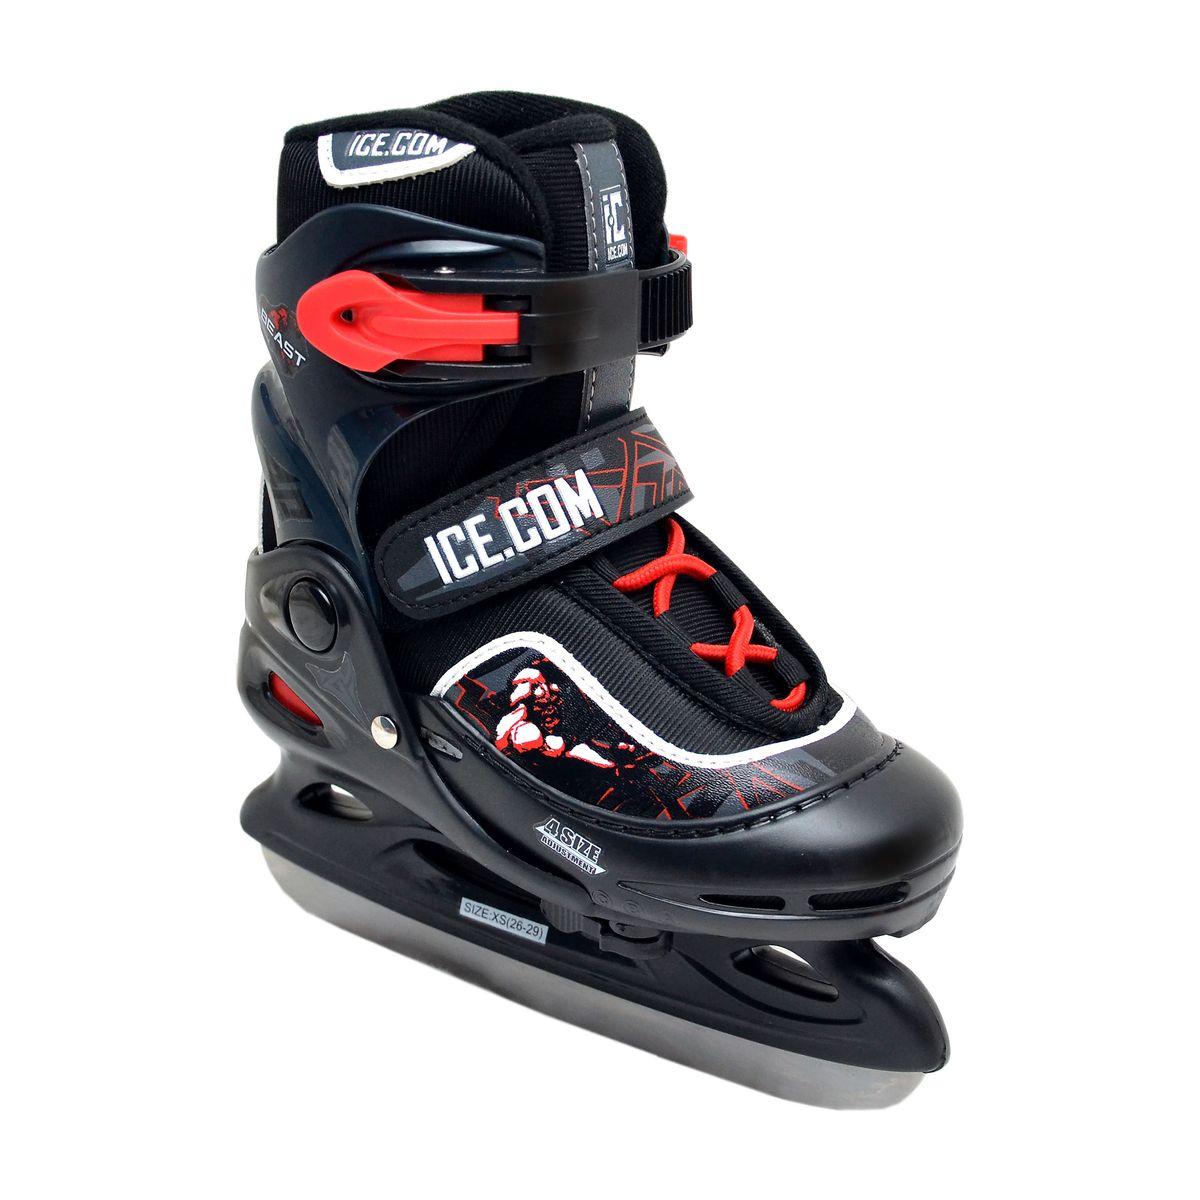 Коньки ледовые для мальчика Ice.Com Beast, раздвижные, цвет: черный, красный. Размер 26/29BeastОригинальные раздвижные ледовые коньки для мальчика Ice.Com Beast с ударопрочной защитной конструкцией отлично подойдут для начинающих обучаться катанию. Ботинки Comfortable Fit изготовлены из морозостойкого пластика, который защитит ноги от ударов. Пластиковая бакля с фиксатором Power Strap, хлястик на липучке Velcro и шнуровка Quick Lace надежно фиксируют голеностоп. Внутренний сапожок, выполненный из мягкого вельвета, гарантирует тепло во время катания, а текстильная стелька - обеспечит уют. Изделие по верху декорировано оригинальными изображениями, принтом и тиснением в виде логотипа бренда. Фигурное лезвие изготовлено из нержавеющей стали со специальным покрытием, придающим дополнительную прочность. Особенностью коньков является раздвижная конструкция, которая позволяет увеличивать длину ботинка на 4 размера по мере роста ноги ребенка. У сапожка с боку имеется специальный фиксатор, который позволит увеличить его размер. Стильные коньки придутся по душе вашему...